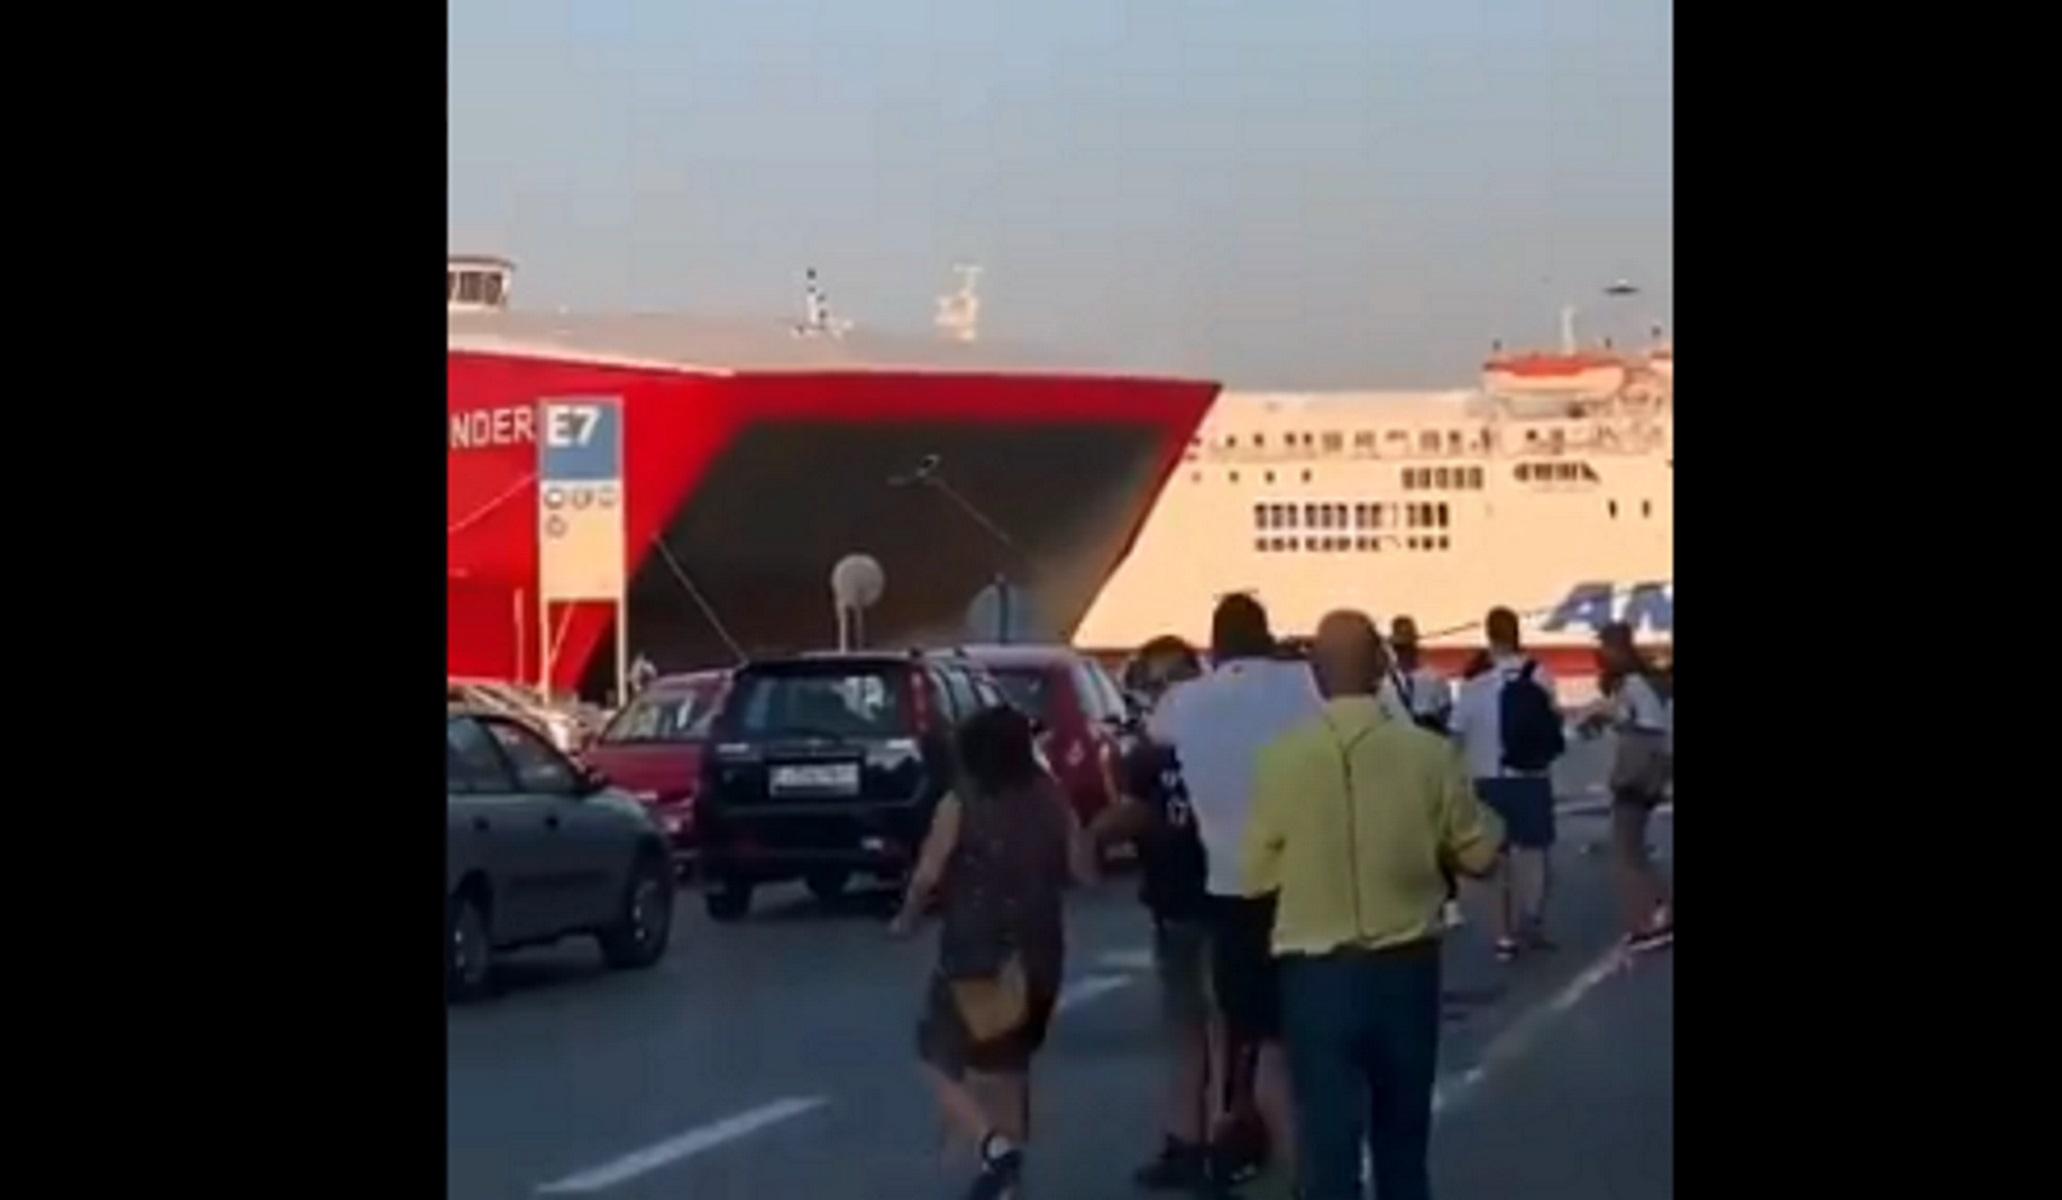 Θύελλα αντιδράσεων για την επίθεση κάμεραμαν σε επιβάτη στο λιμάνι του Πειραιά